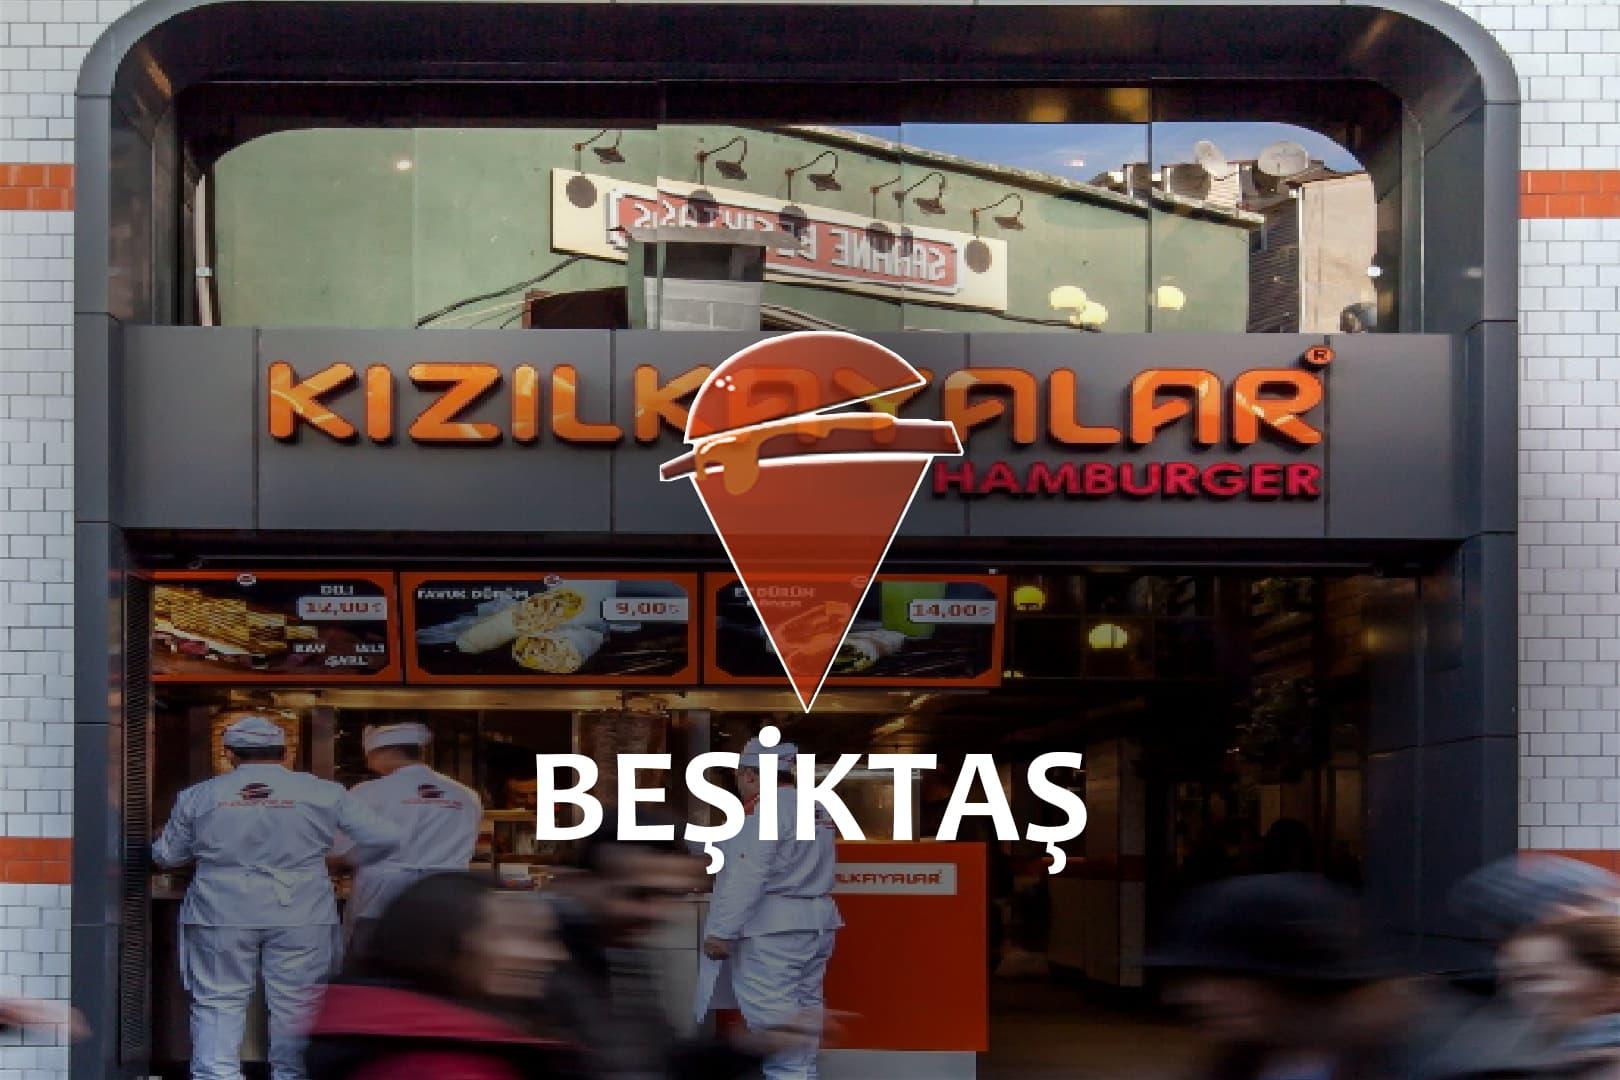 Kızılkayalar Beşiktaş Şubesi